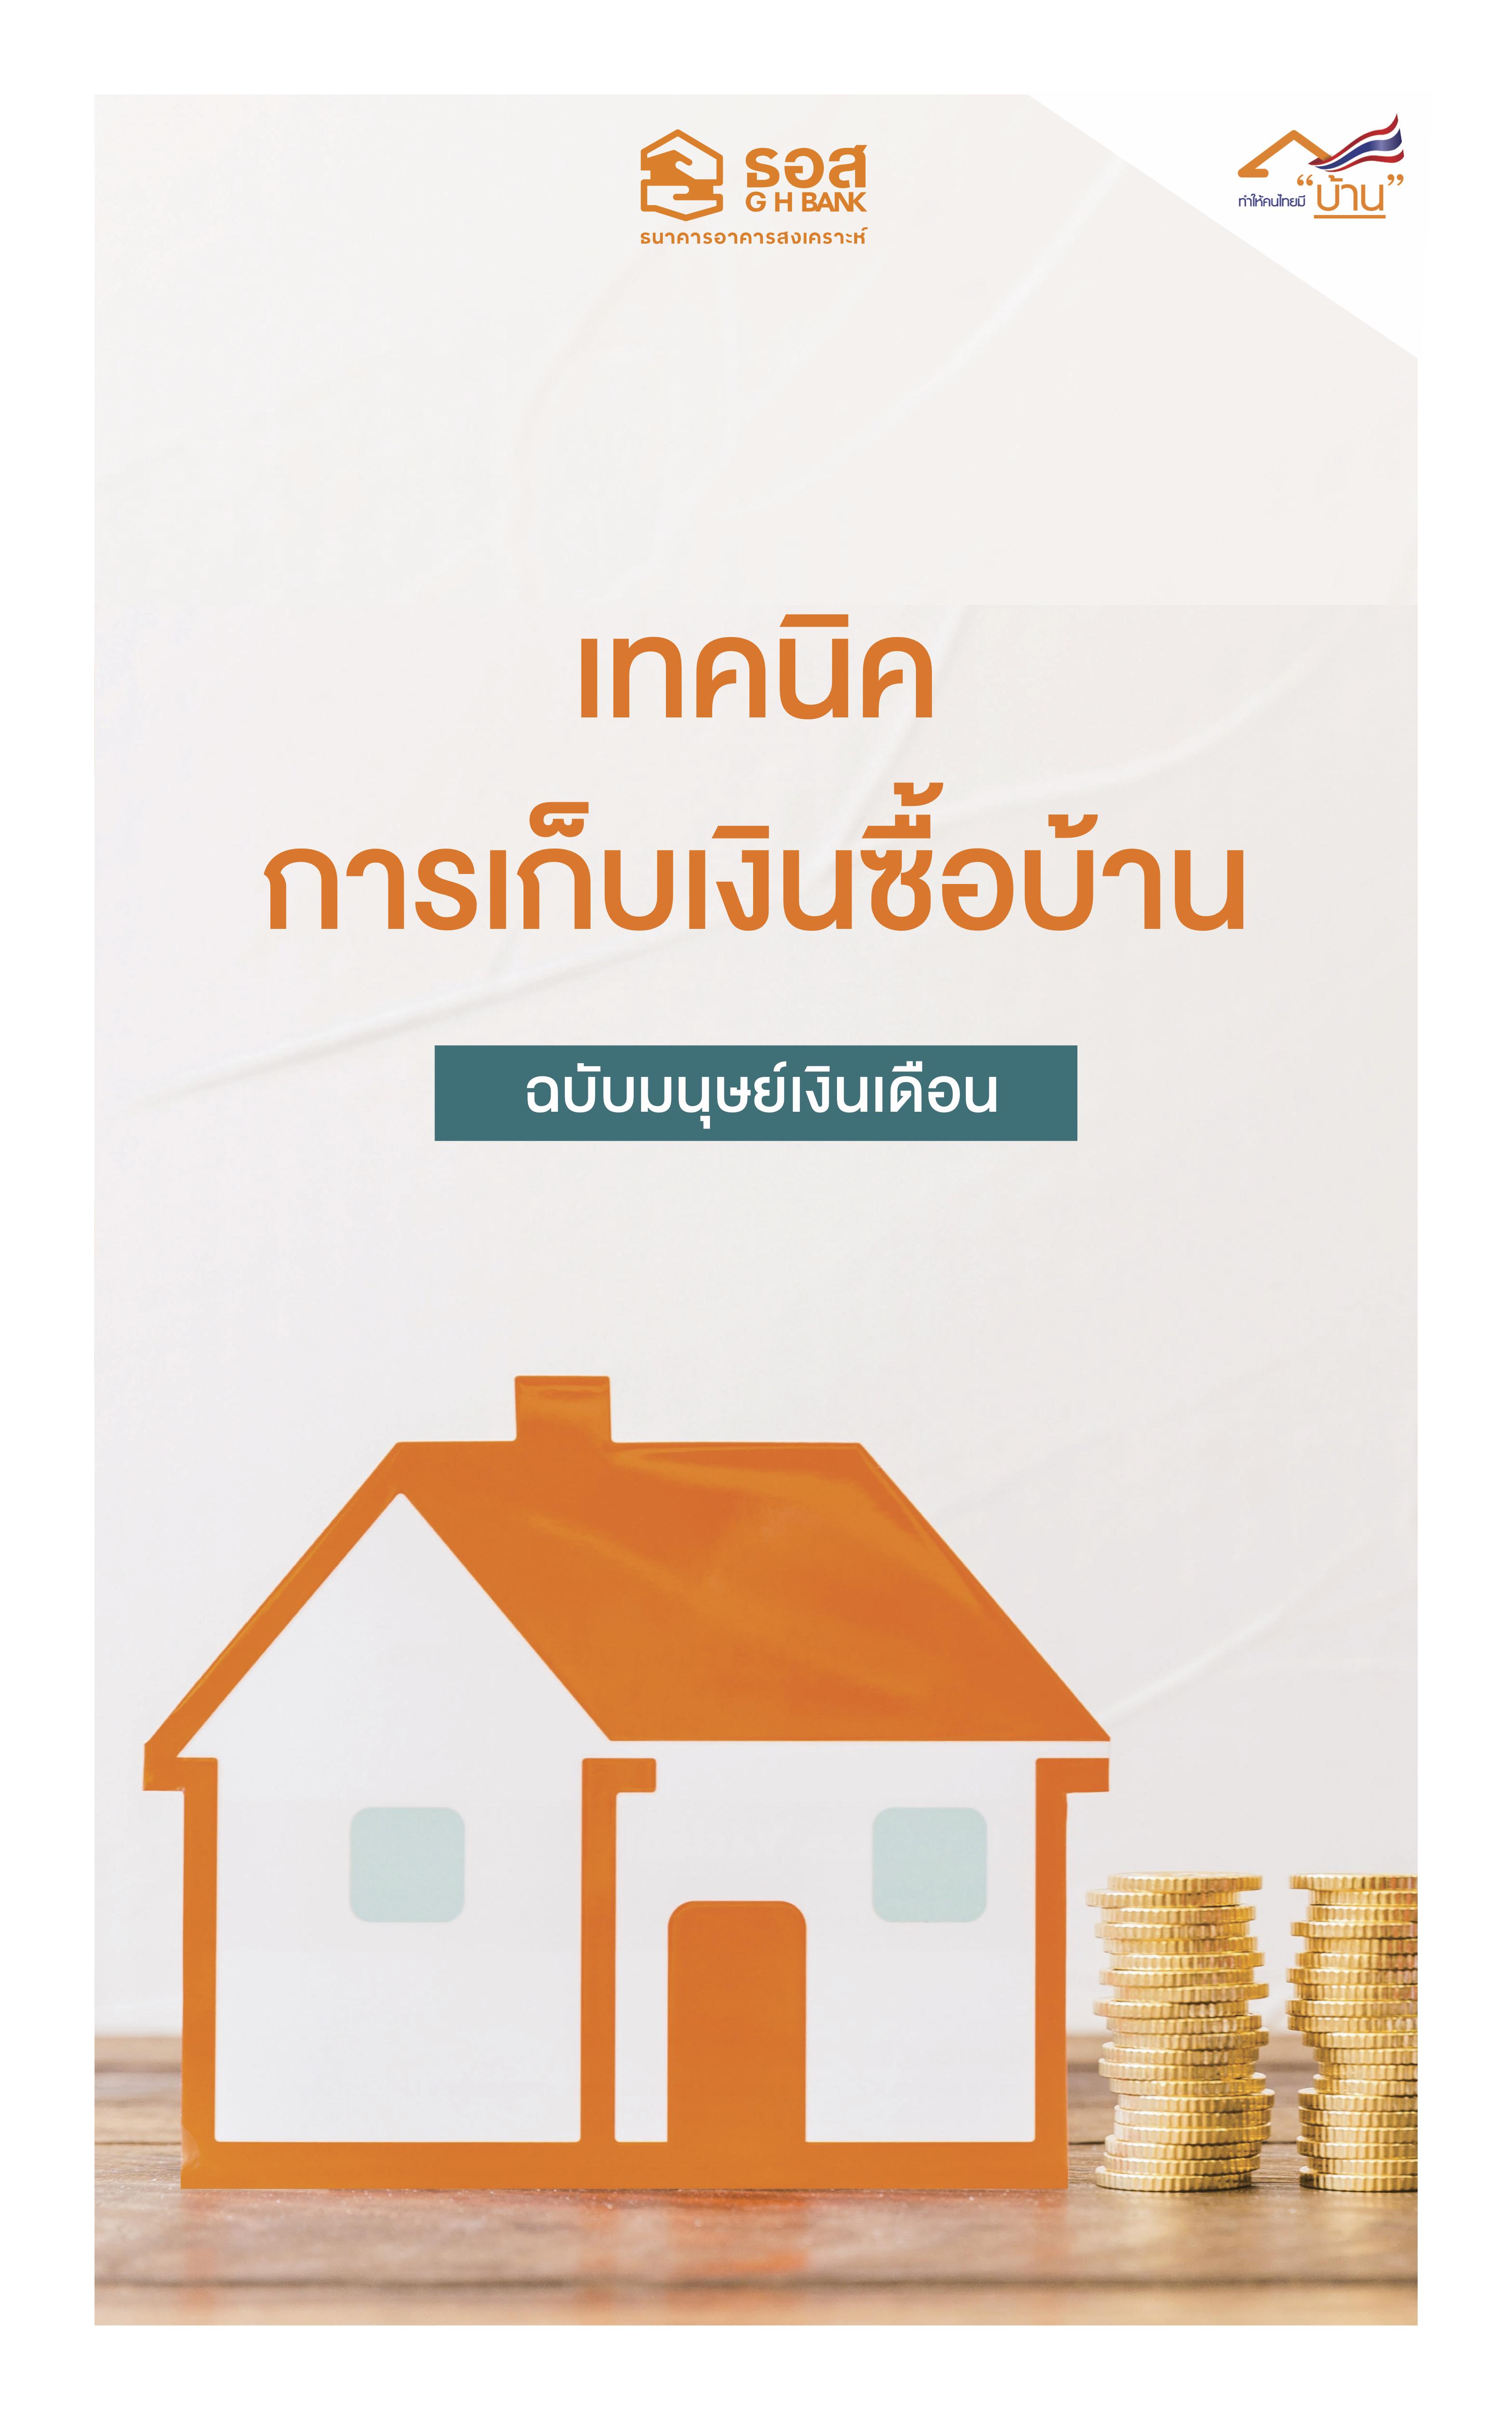 Cover eBook เทคนิคการเก็บเงินซื้อบ้าน